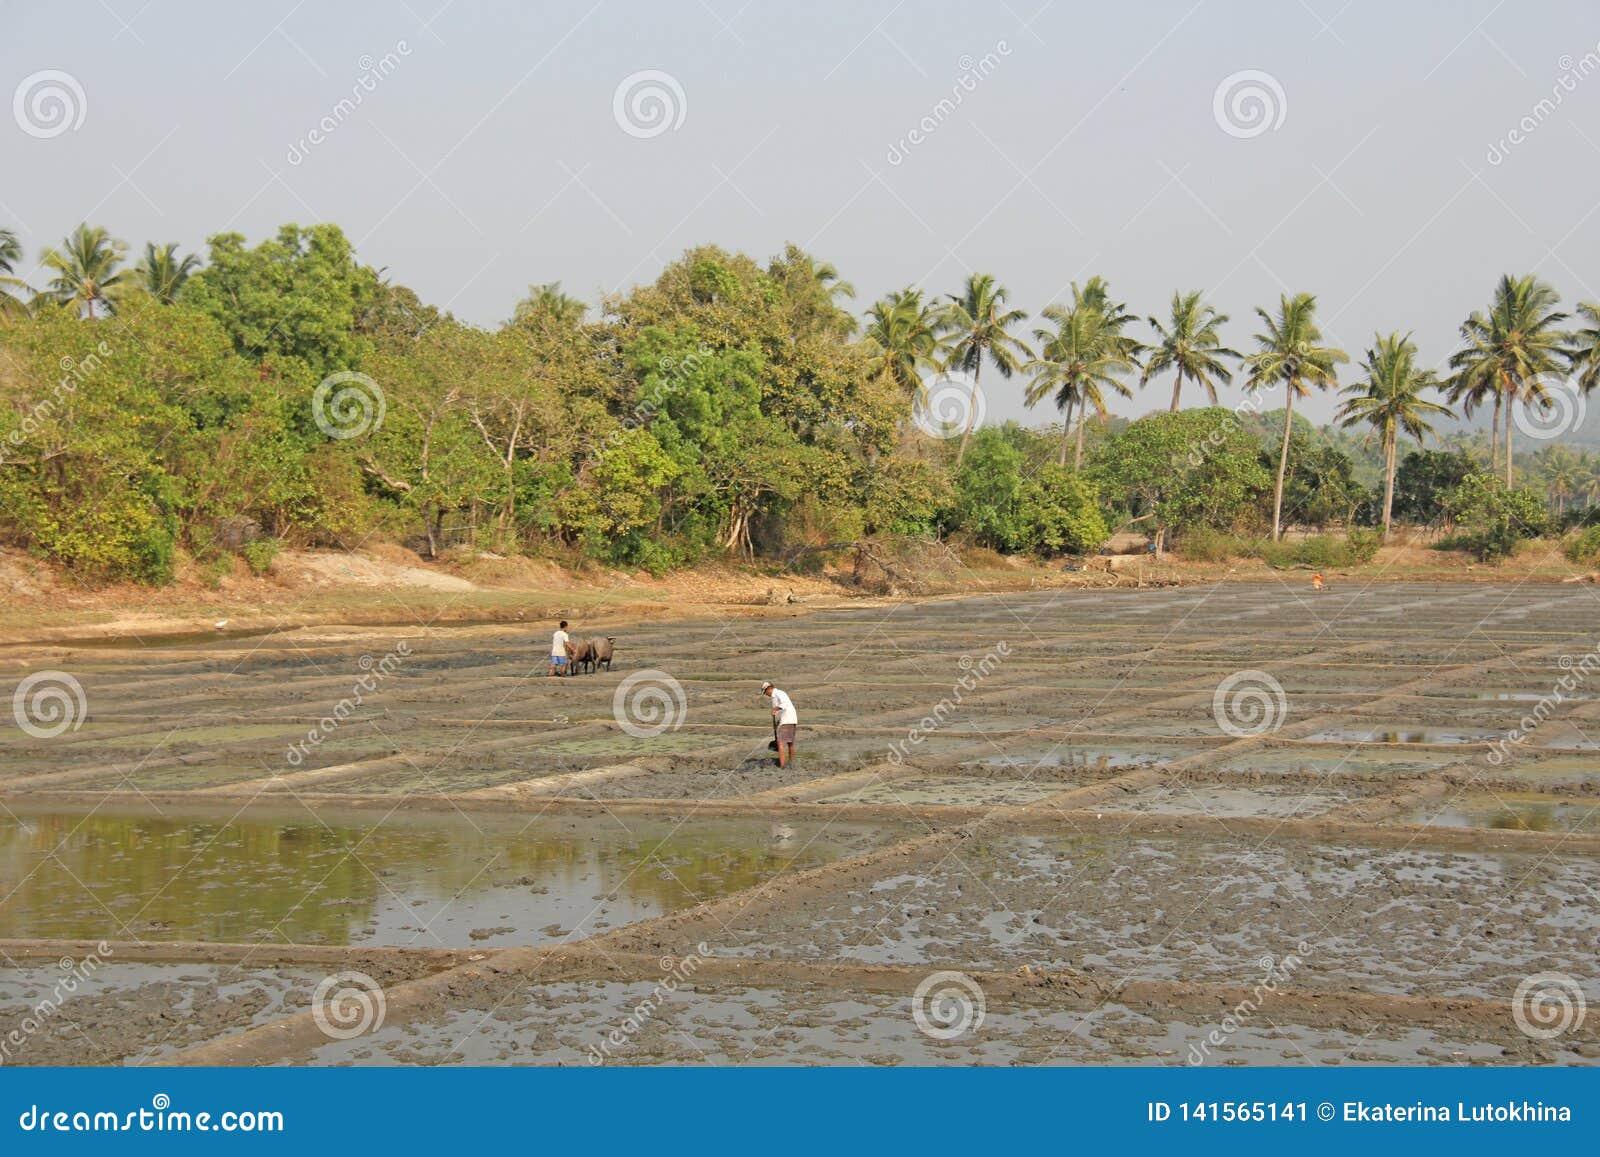 Indien GOA, Januari 19, 2018 Manliga arbetare plogar risfältet med ploger och tjurar eller oxar Ploga risfältet med en plog och